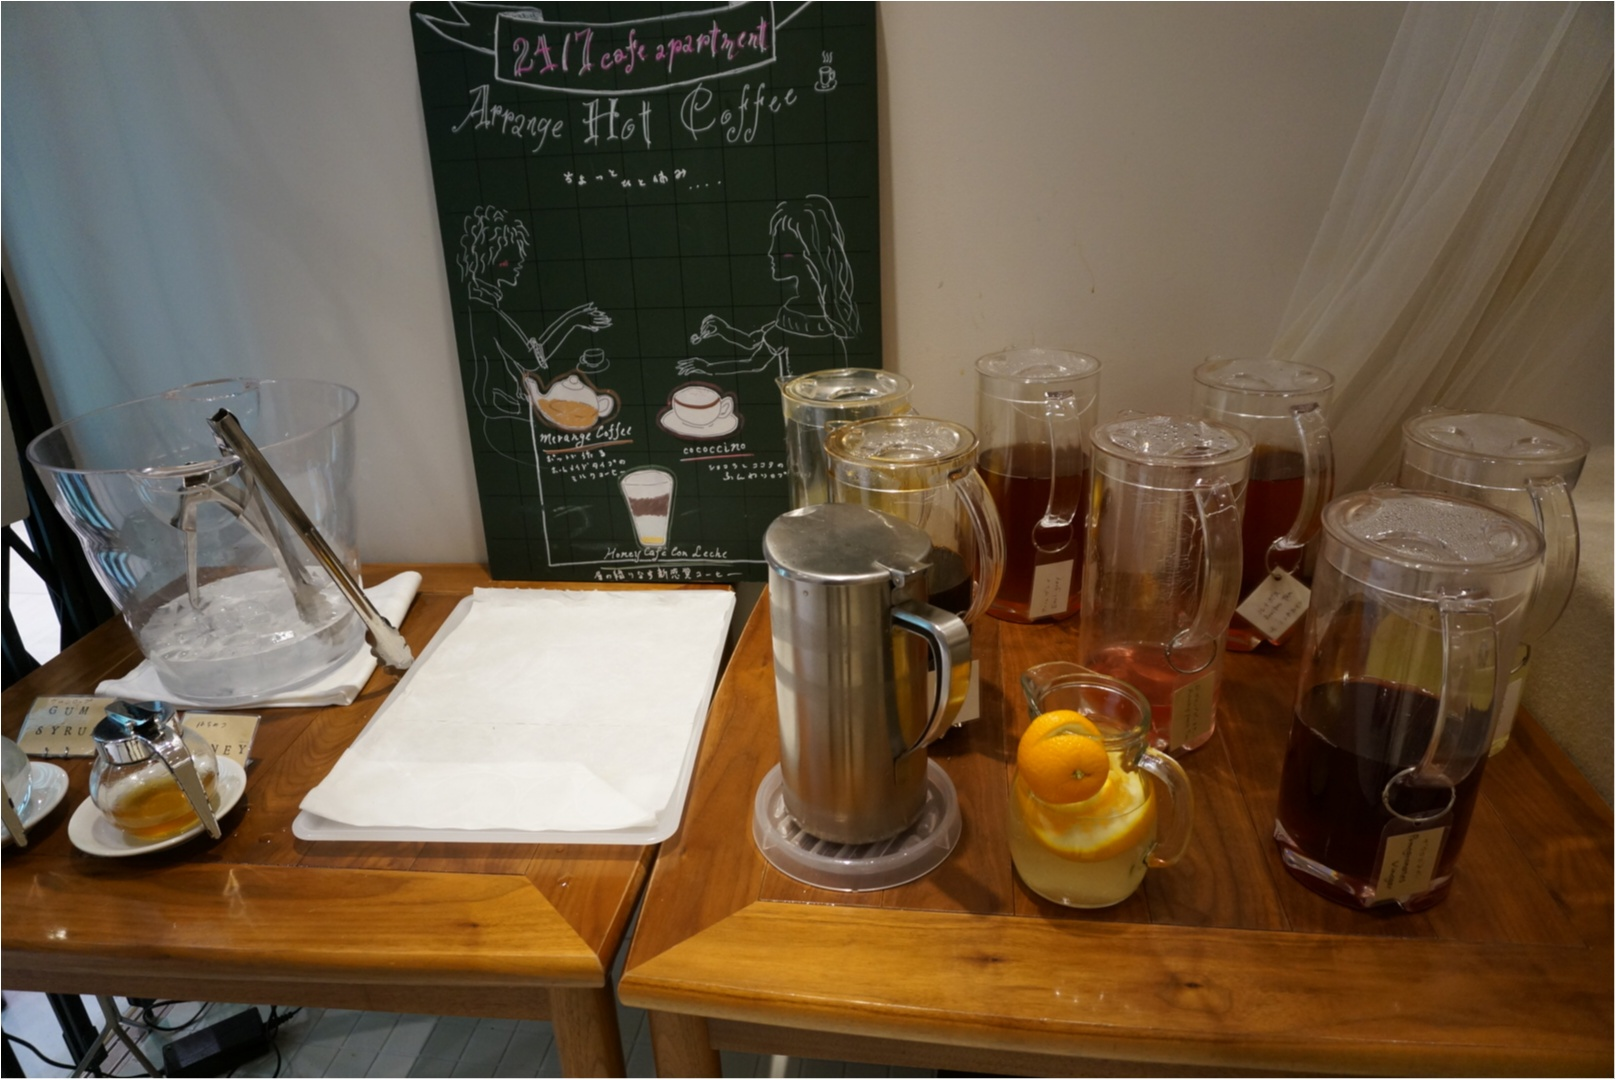 白と木材を基調としたニュートラルな空間でカフェTIME♪《24/7Cafe apartment》で食べれる美味しいフレンチトースト♡_2